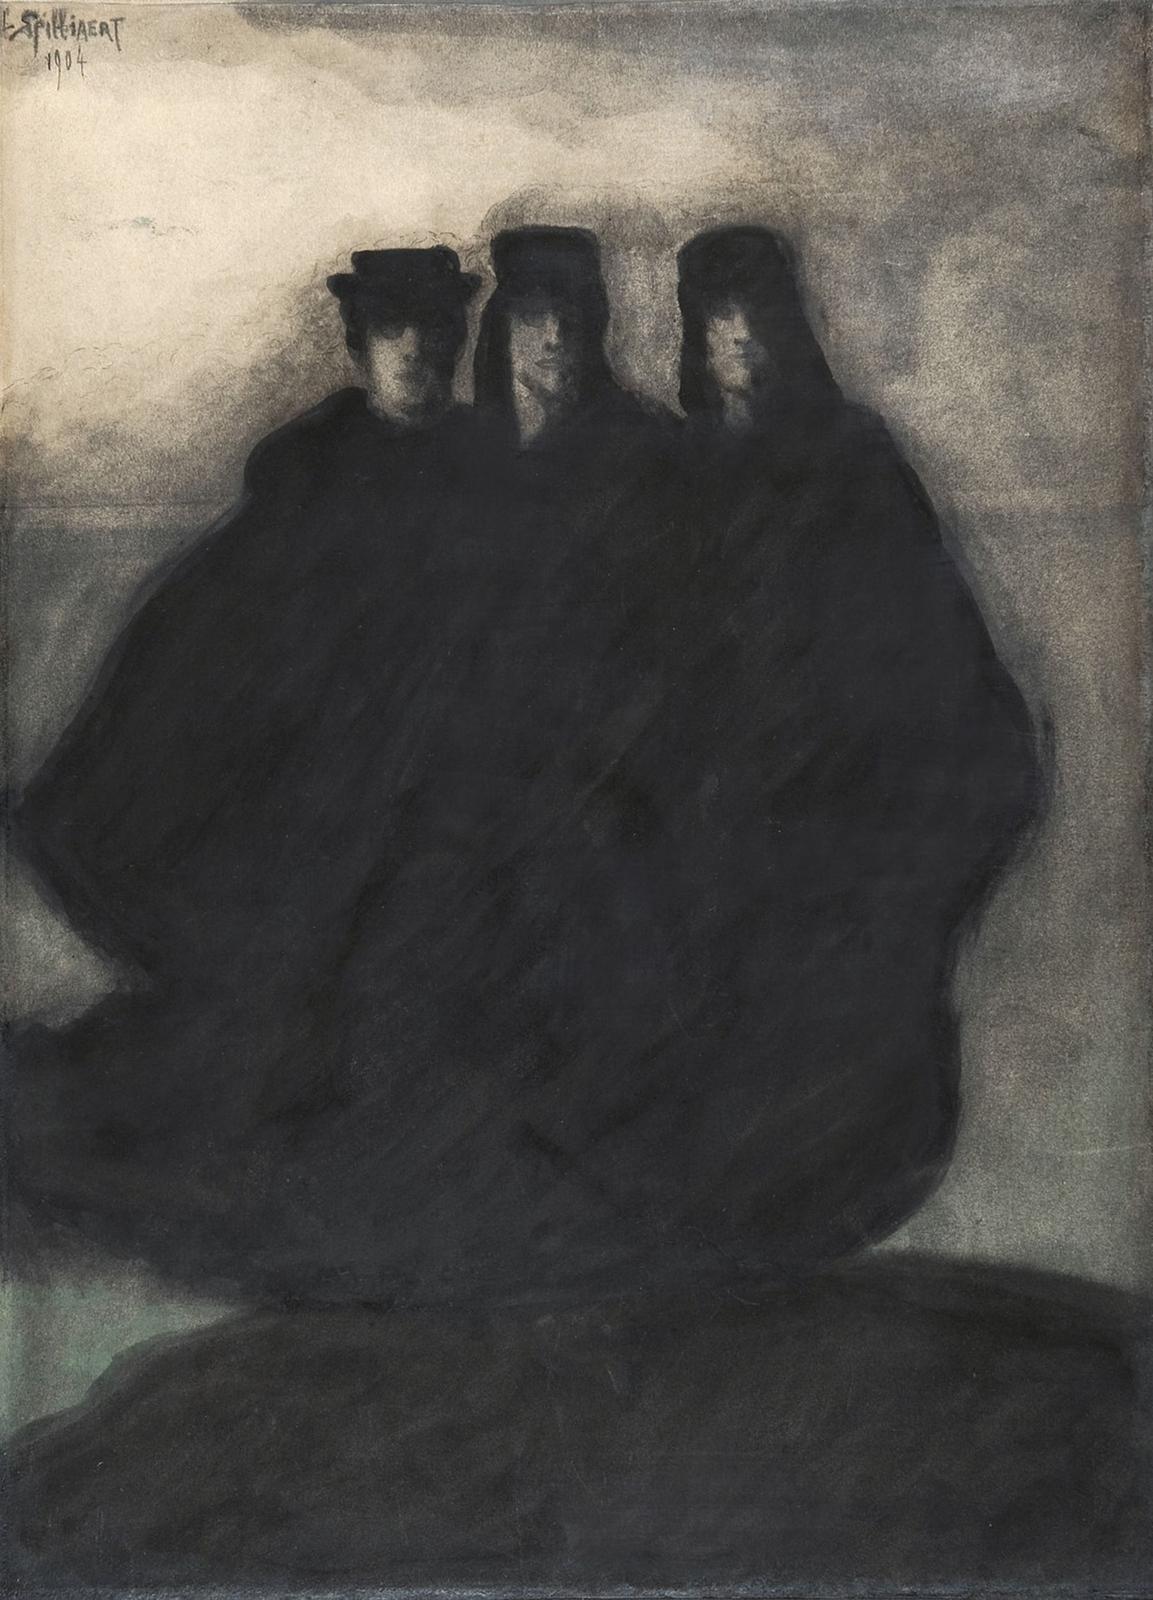 1904_Три персонажа (Trois personnages)_51.5 х 37.8_акварель, кисть и тушь_Частное собрание.jpg